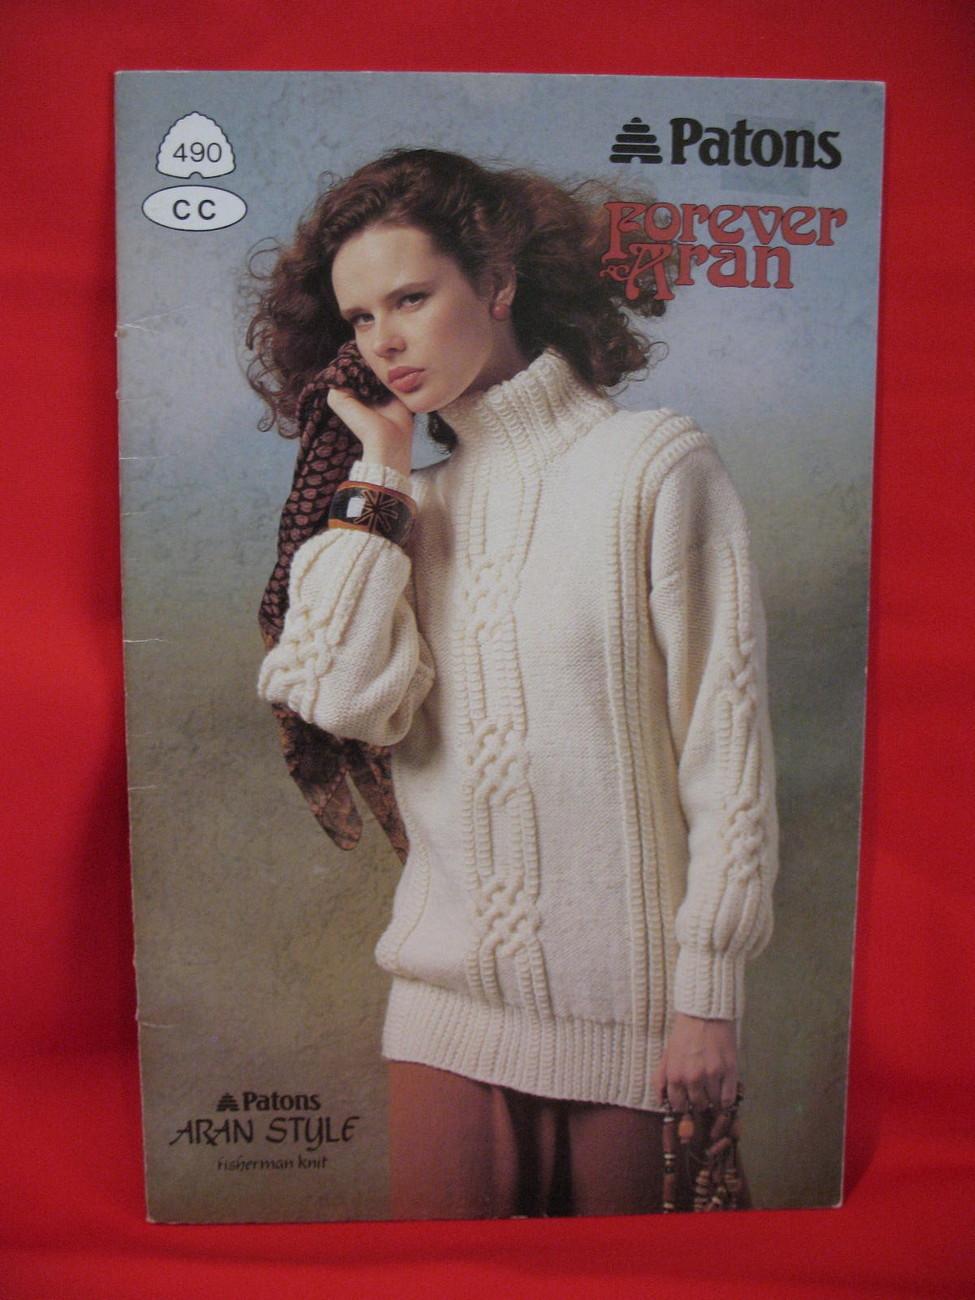 Patons Aran Style Fisherman Knit Knitting Patterns Sweaters